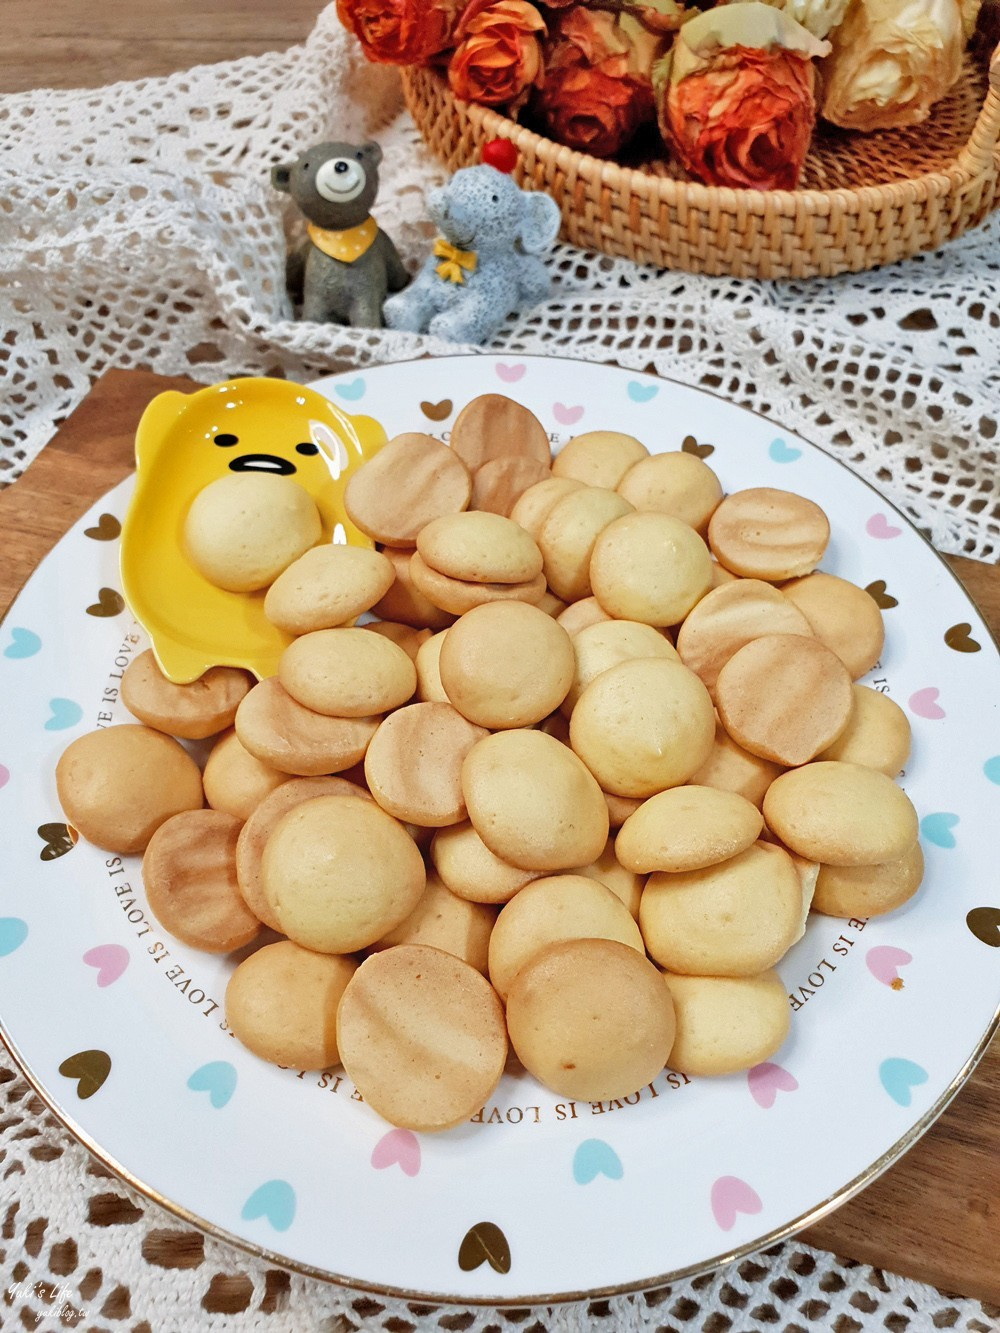 簡單食譜》古早味雞蛋餅乾~零失敗親子DIY,材料只要這三樣! - yukiblog.tw